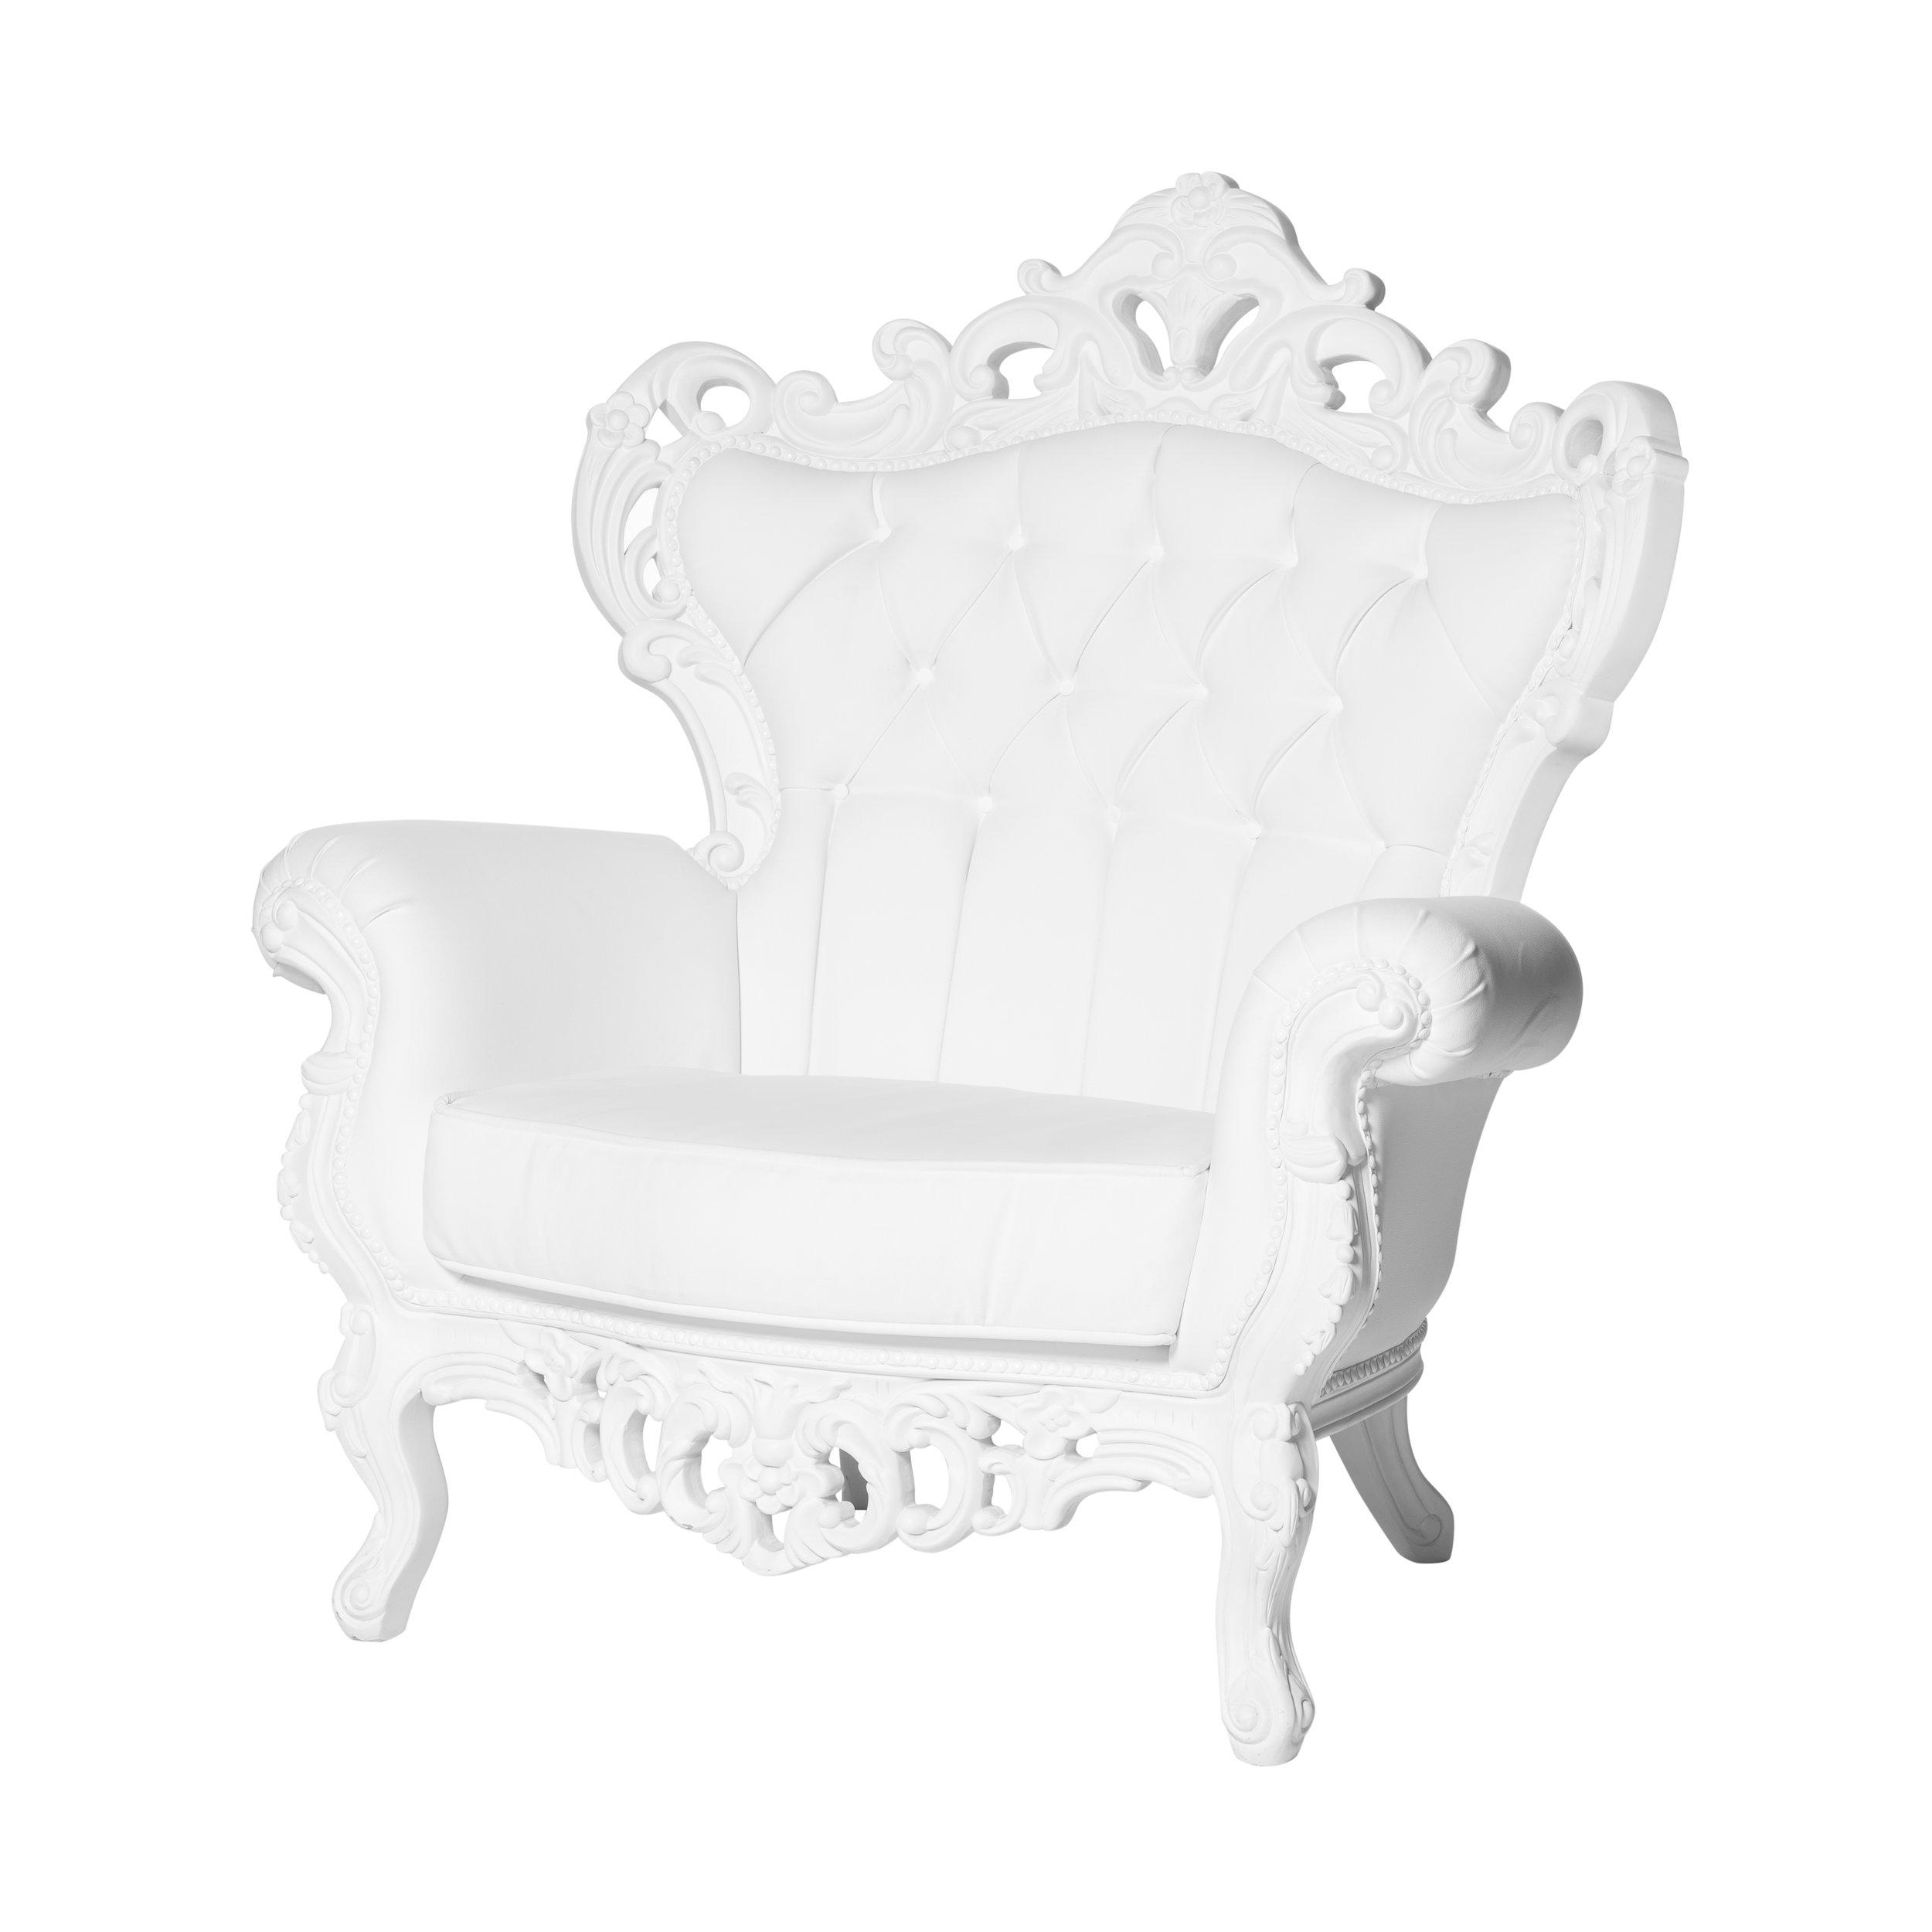 Kings Chair - $300 | QTY: 1